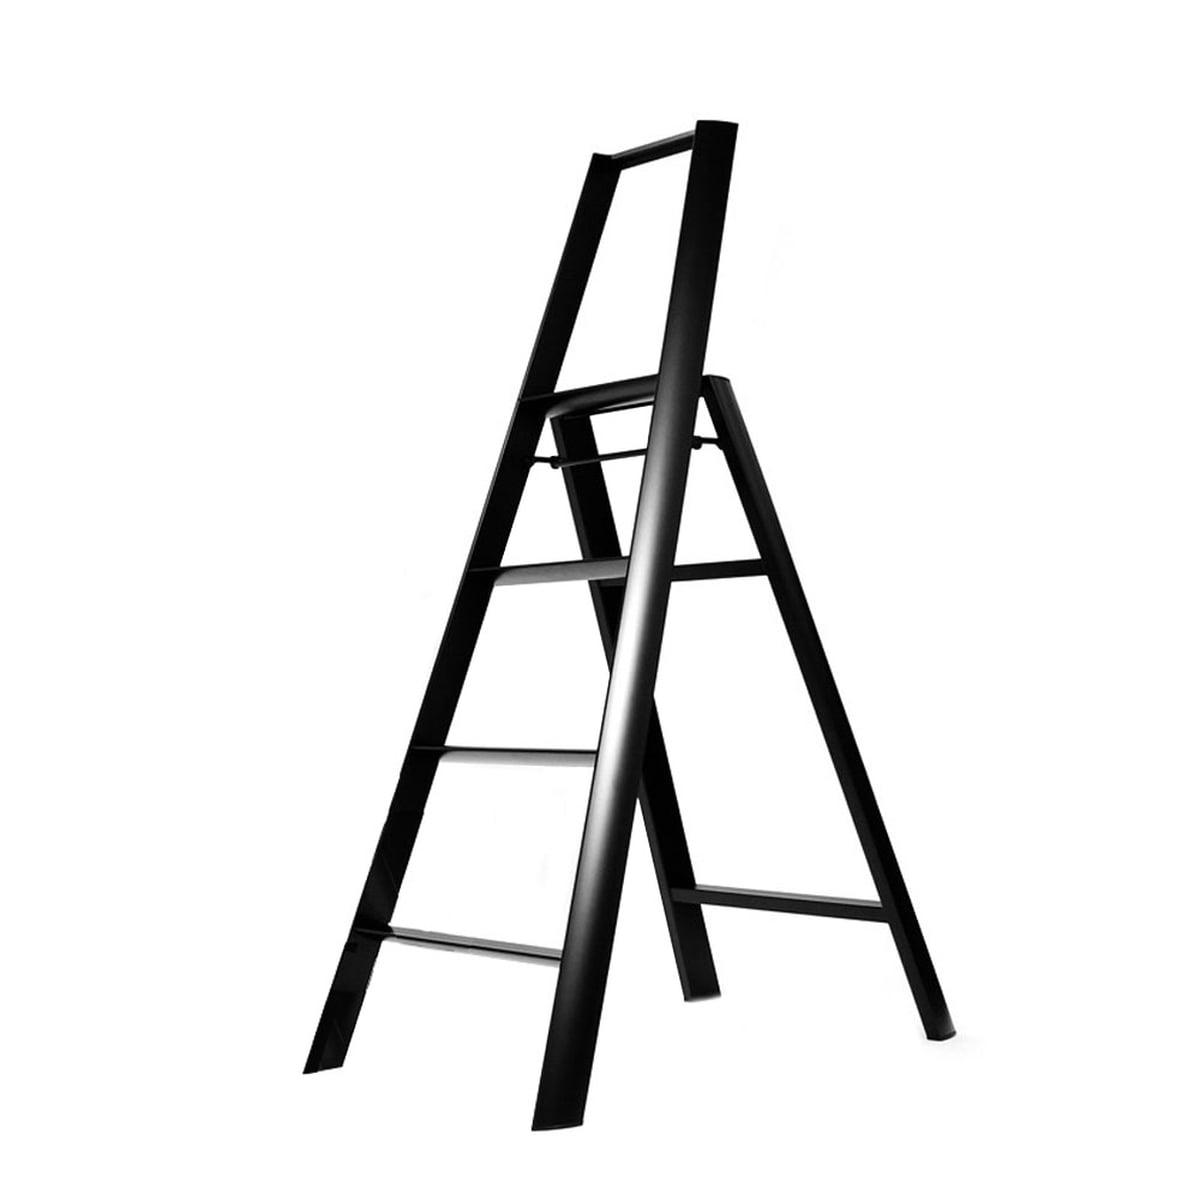 Metaphys - Lucano 4 Step Trittleiter, schwarz | Baumarkt > Leitern und Treppen | Schwarz | Aluminium -  abs | Metaphys